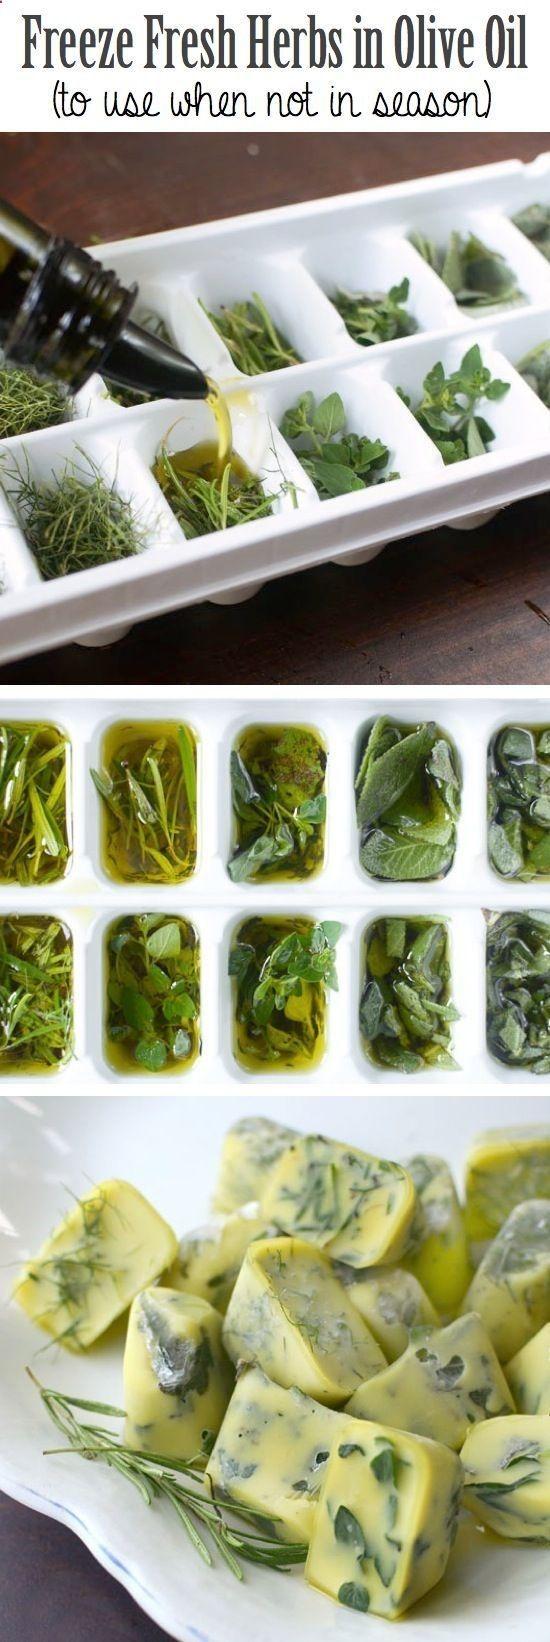 Frische Kräuter in Olivenöl einfrieren!